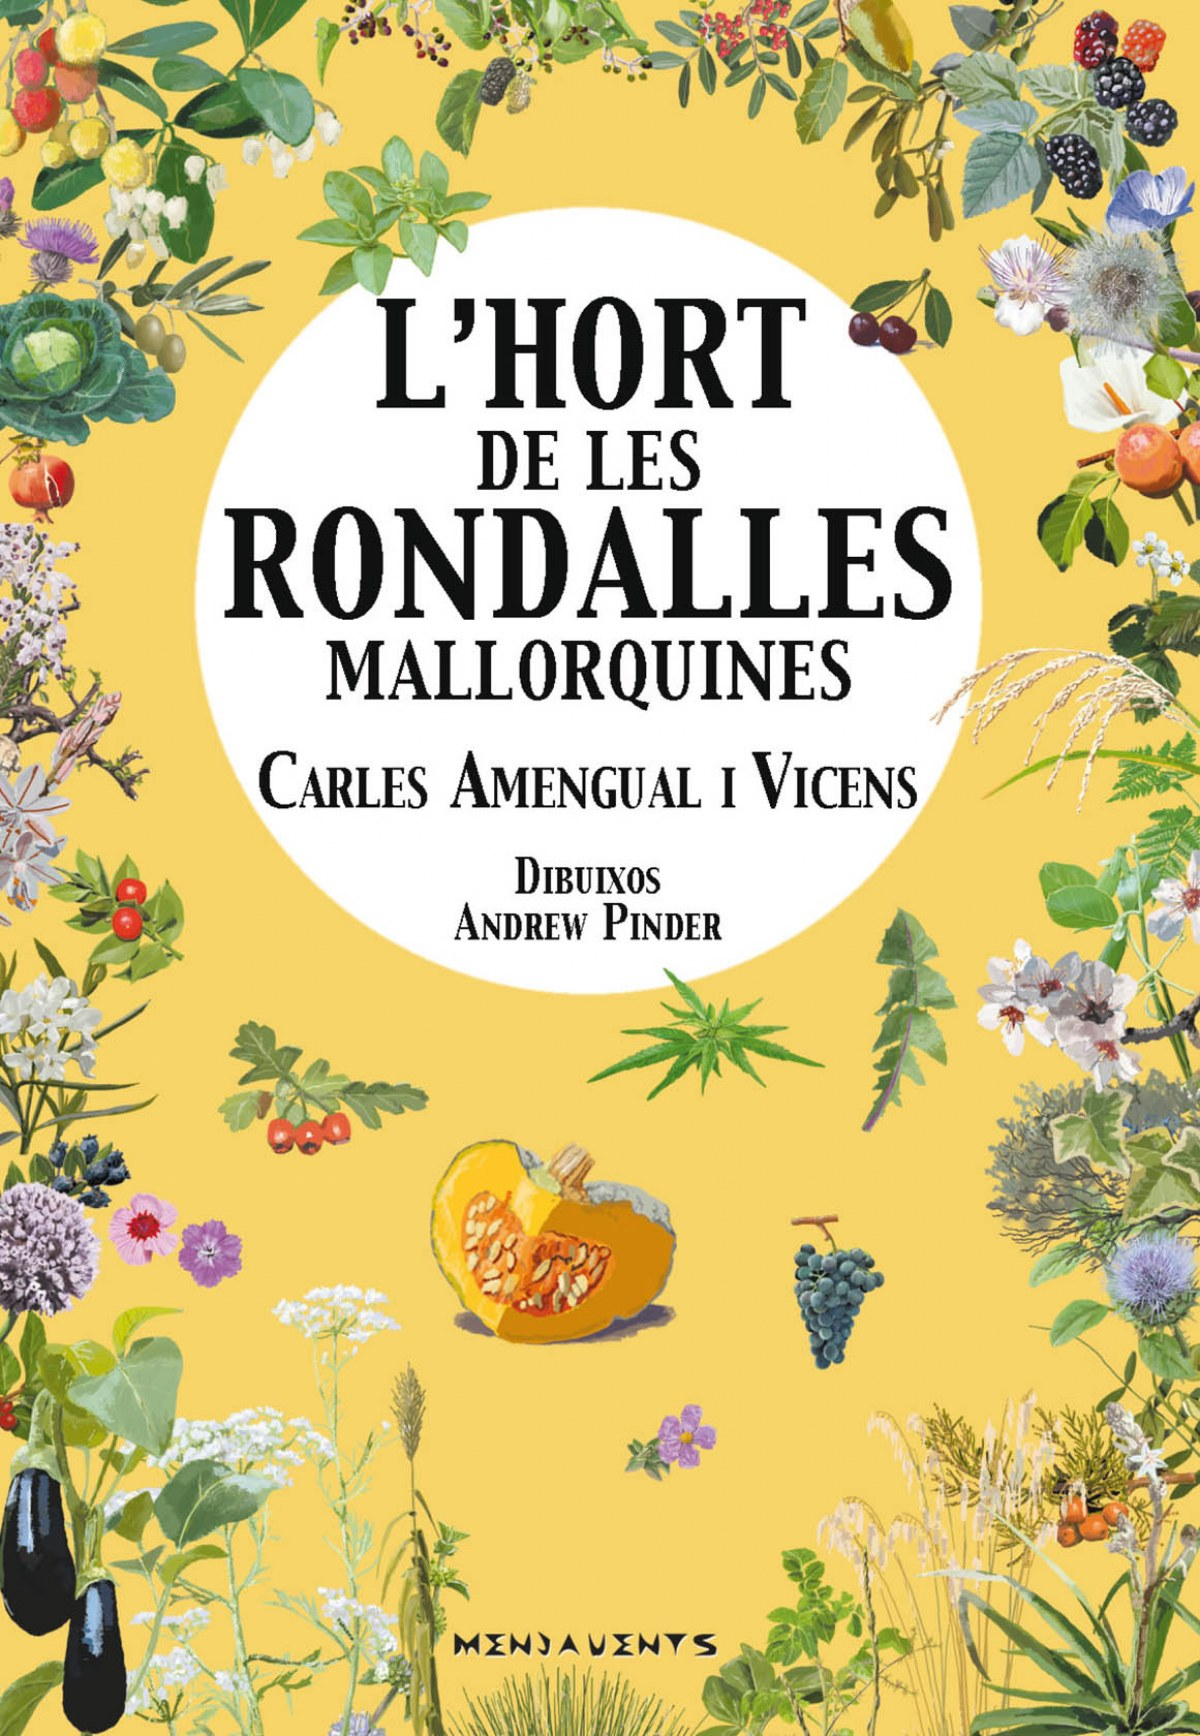 L'HORT DE LES RONDALLES MALLORQUINES